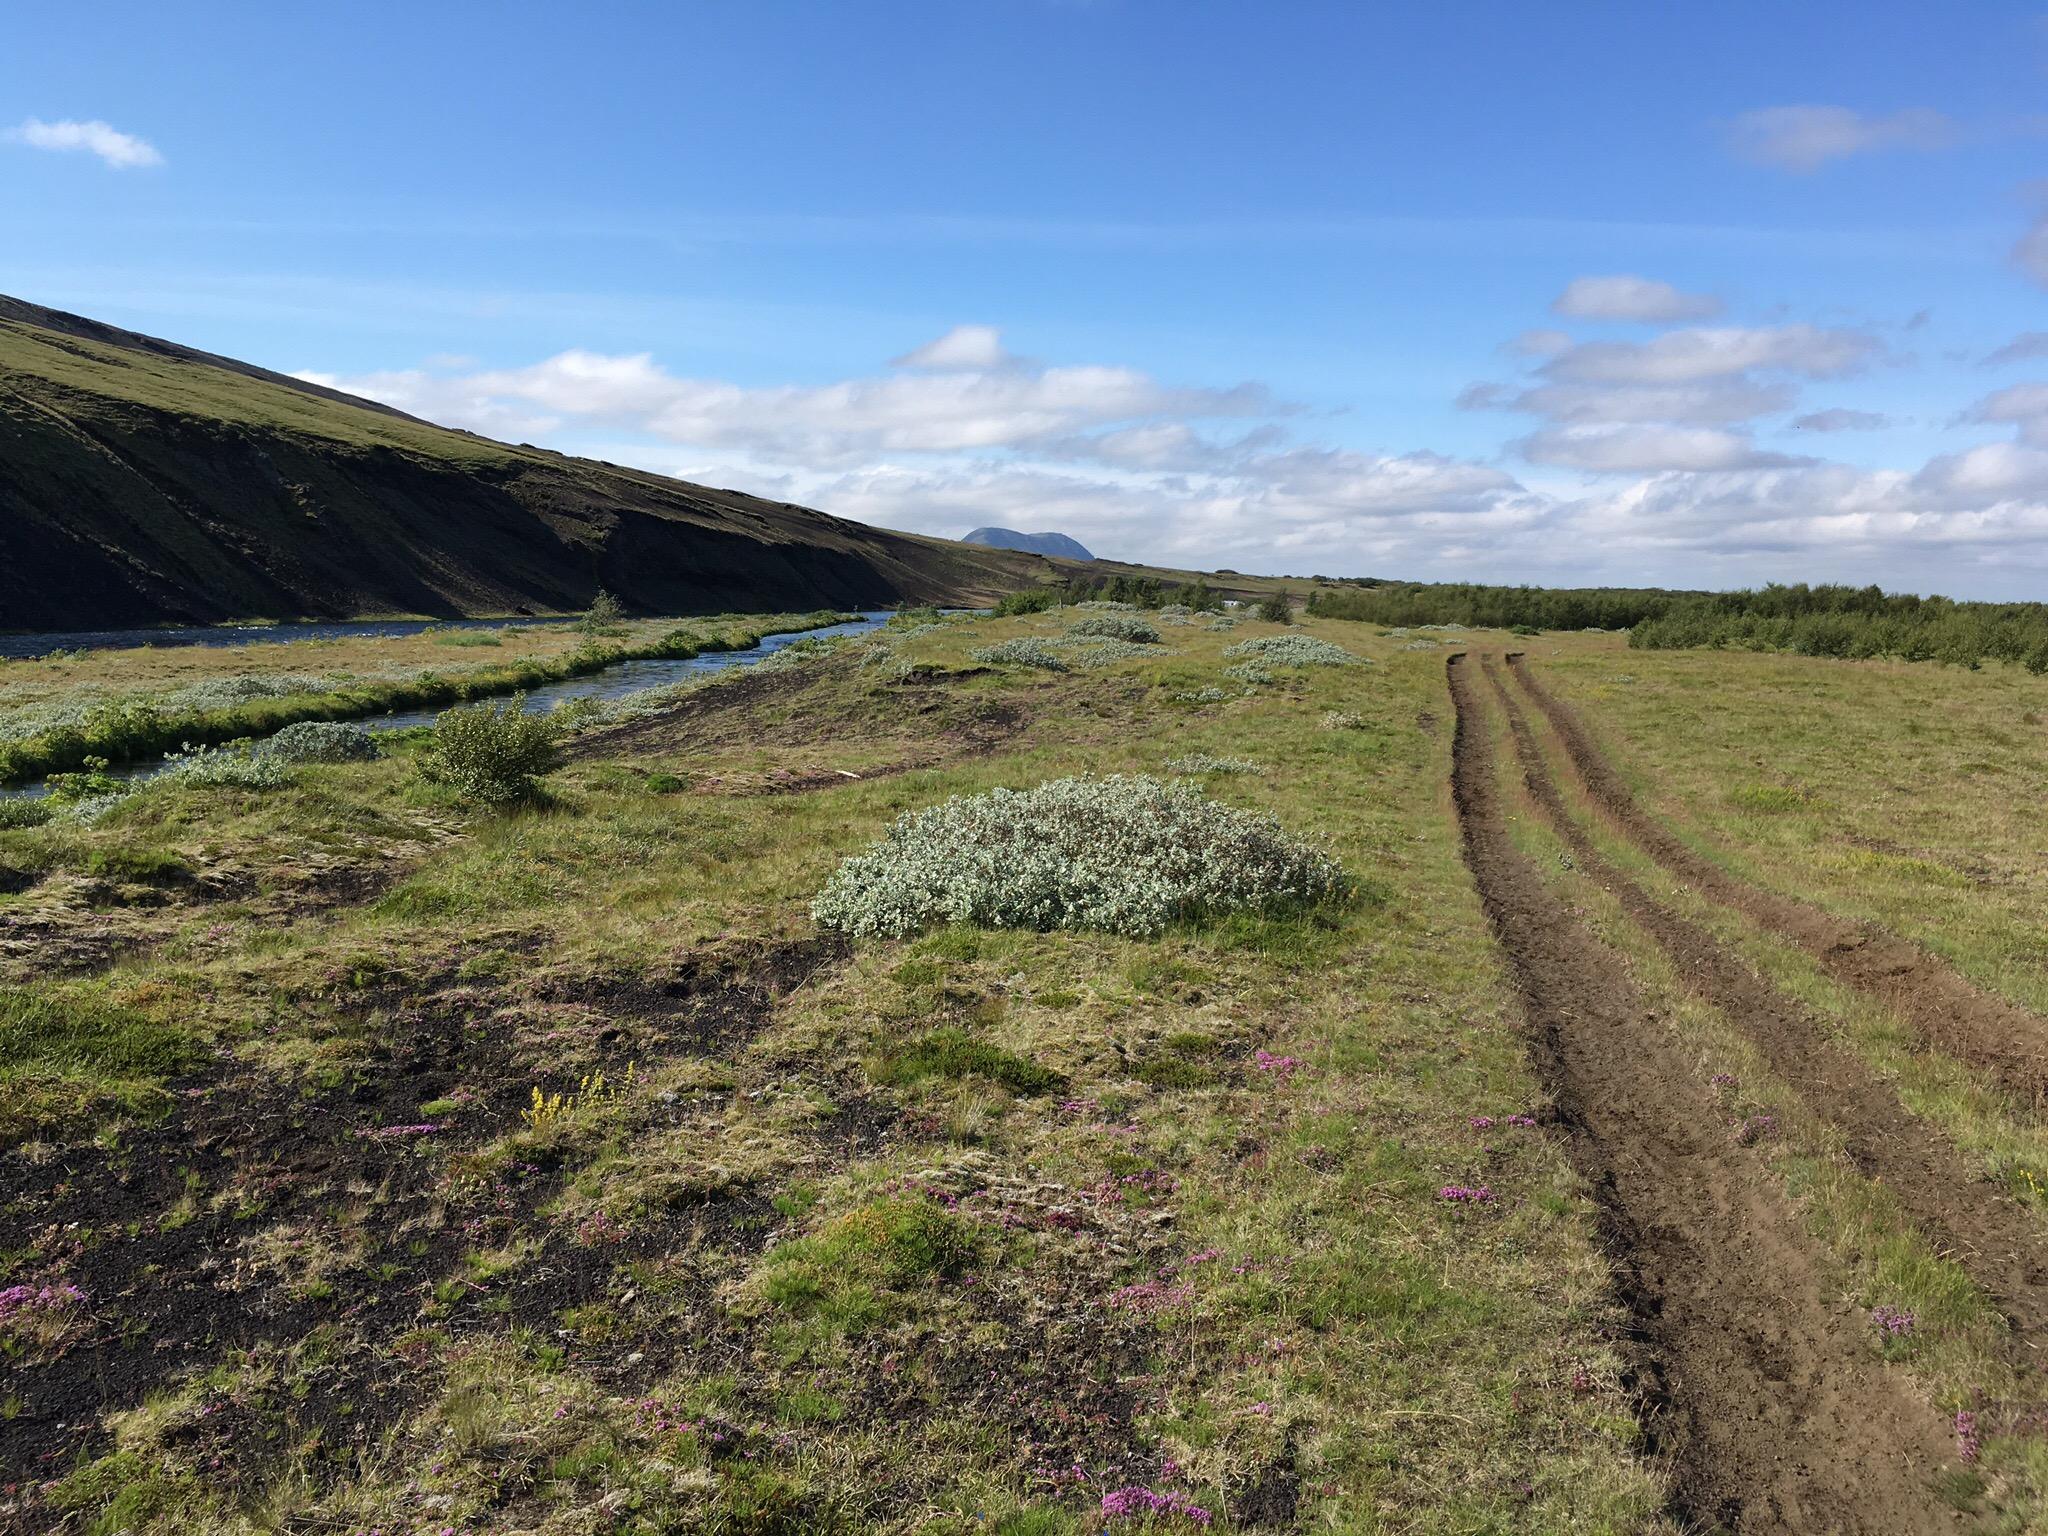 Foto eines Reitwegs mit einem Fluss. Im Hintergrund erkennt man einige Bäume und ganz klein eine Hütte eines Campingplatzes.